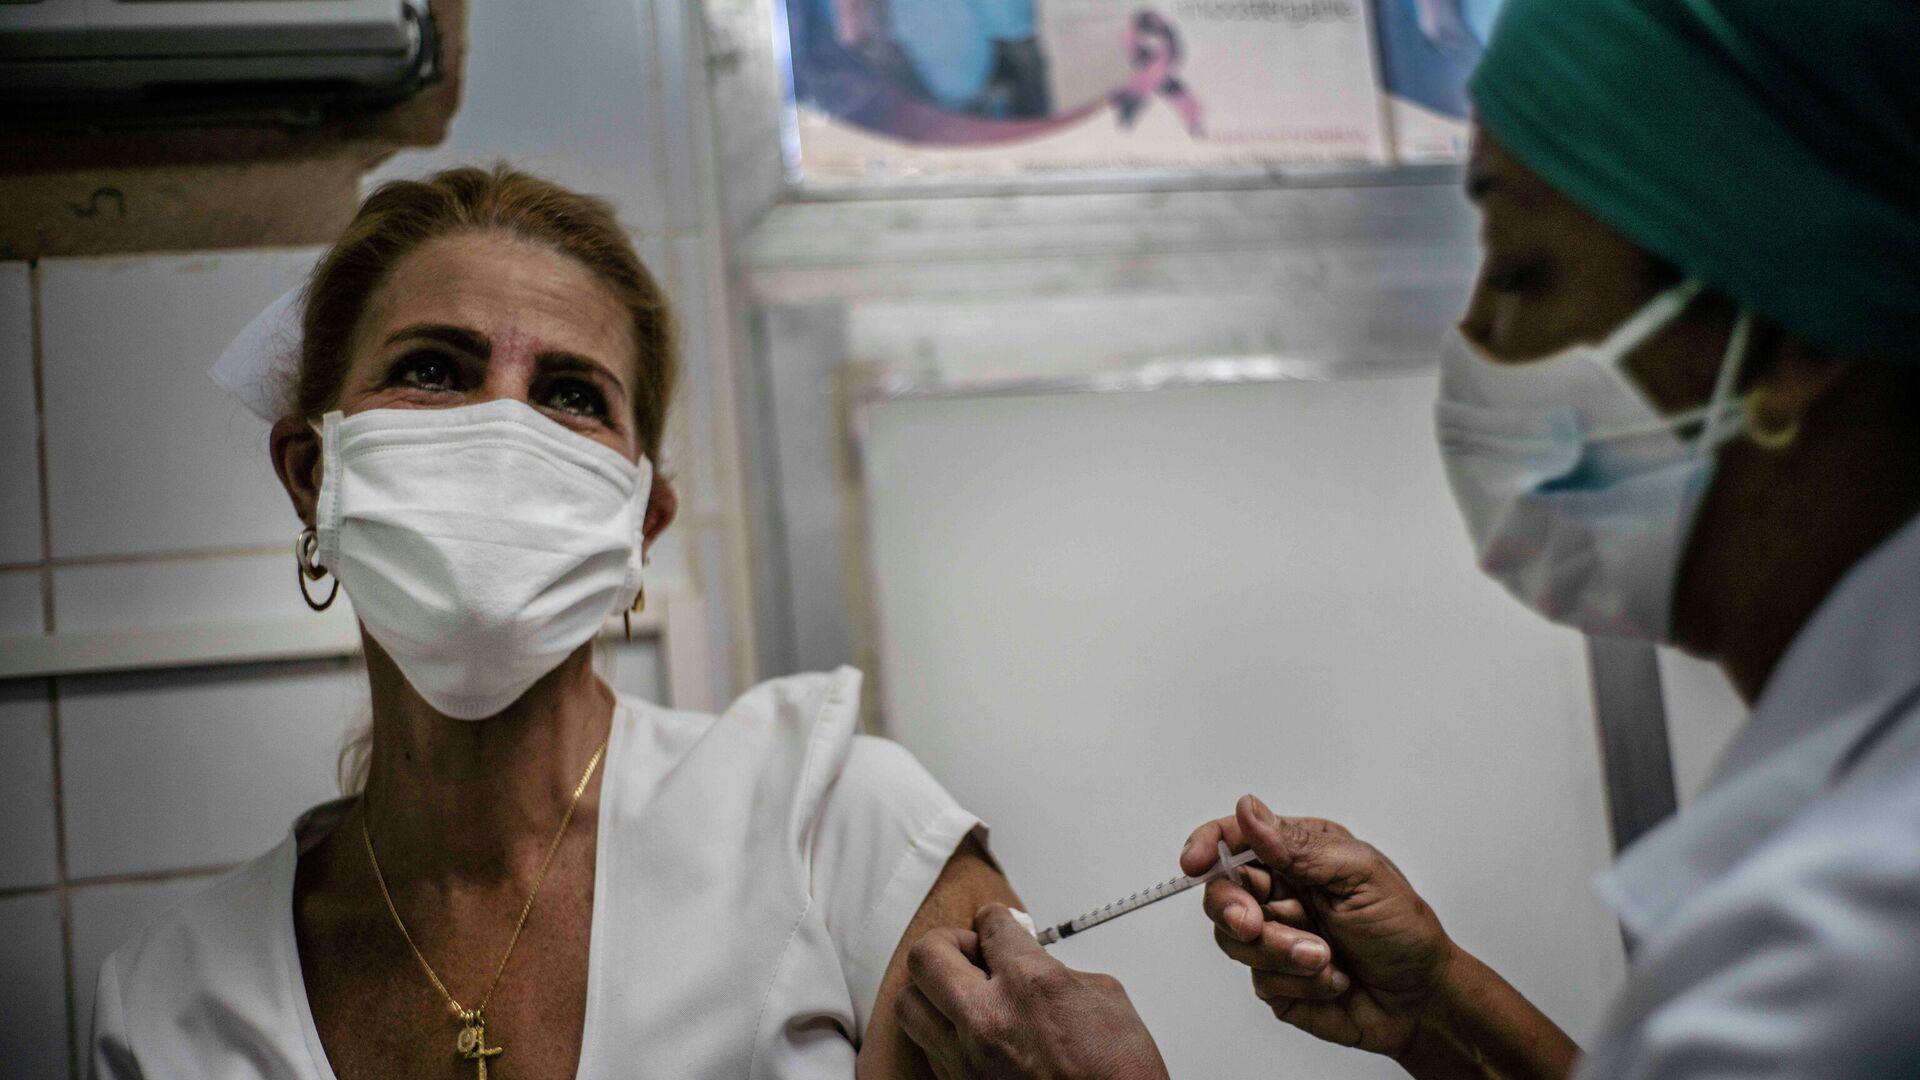 Vacunación contra el coronavirus en Cuba - Sputnik Mundo, 1920, 21.05.2021